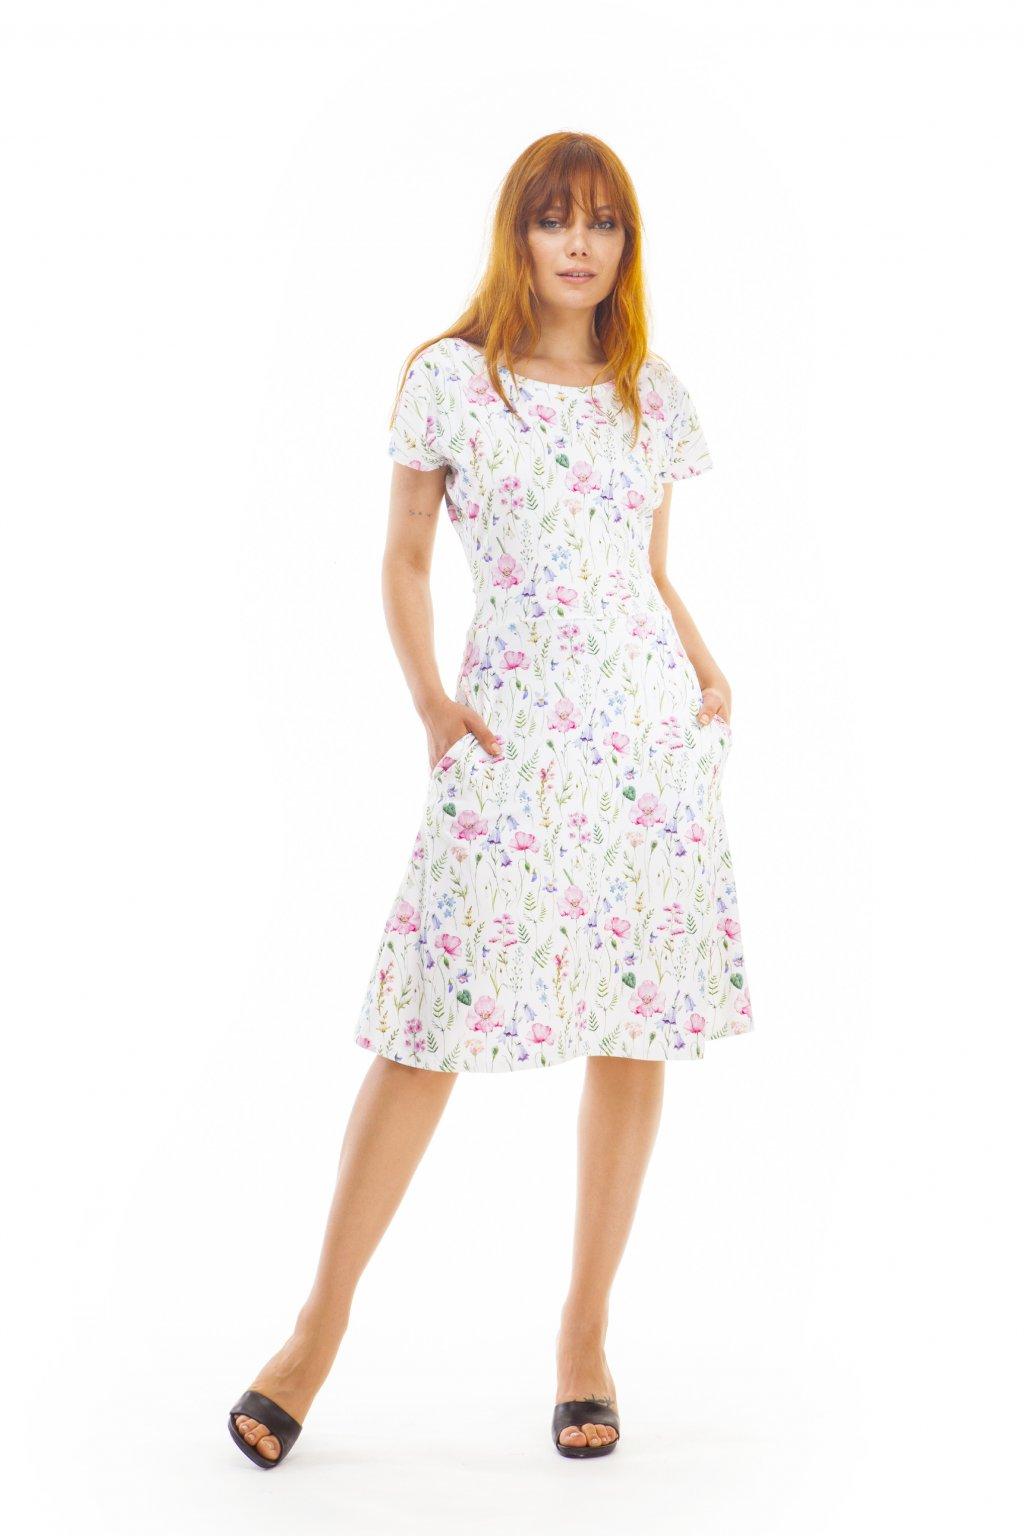 Šaty s lučními květy do A s přestřiženým pasem 1